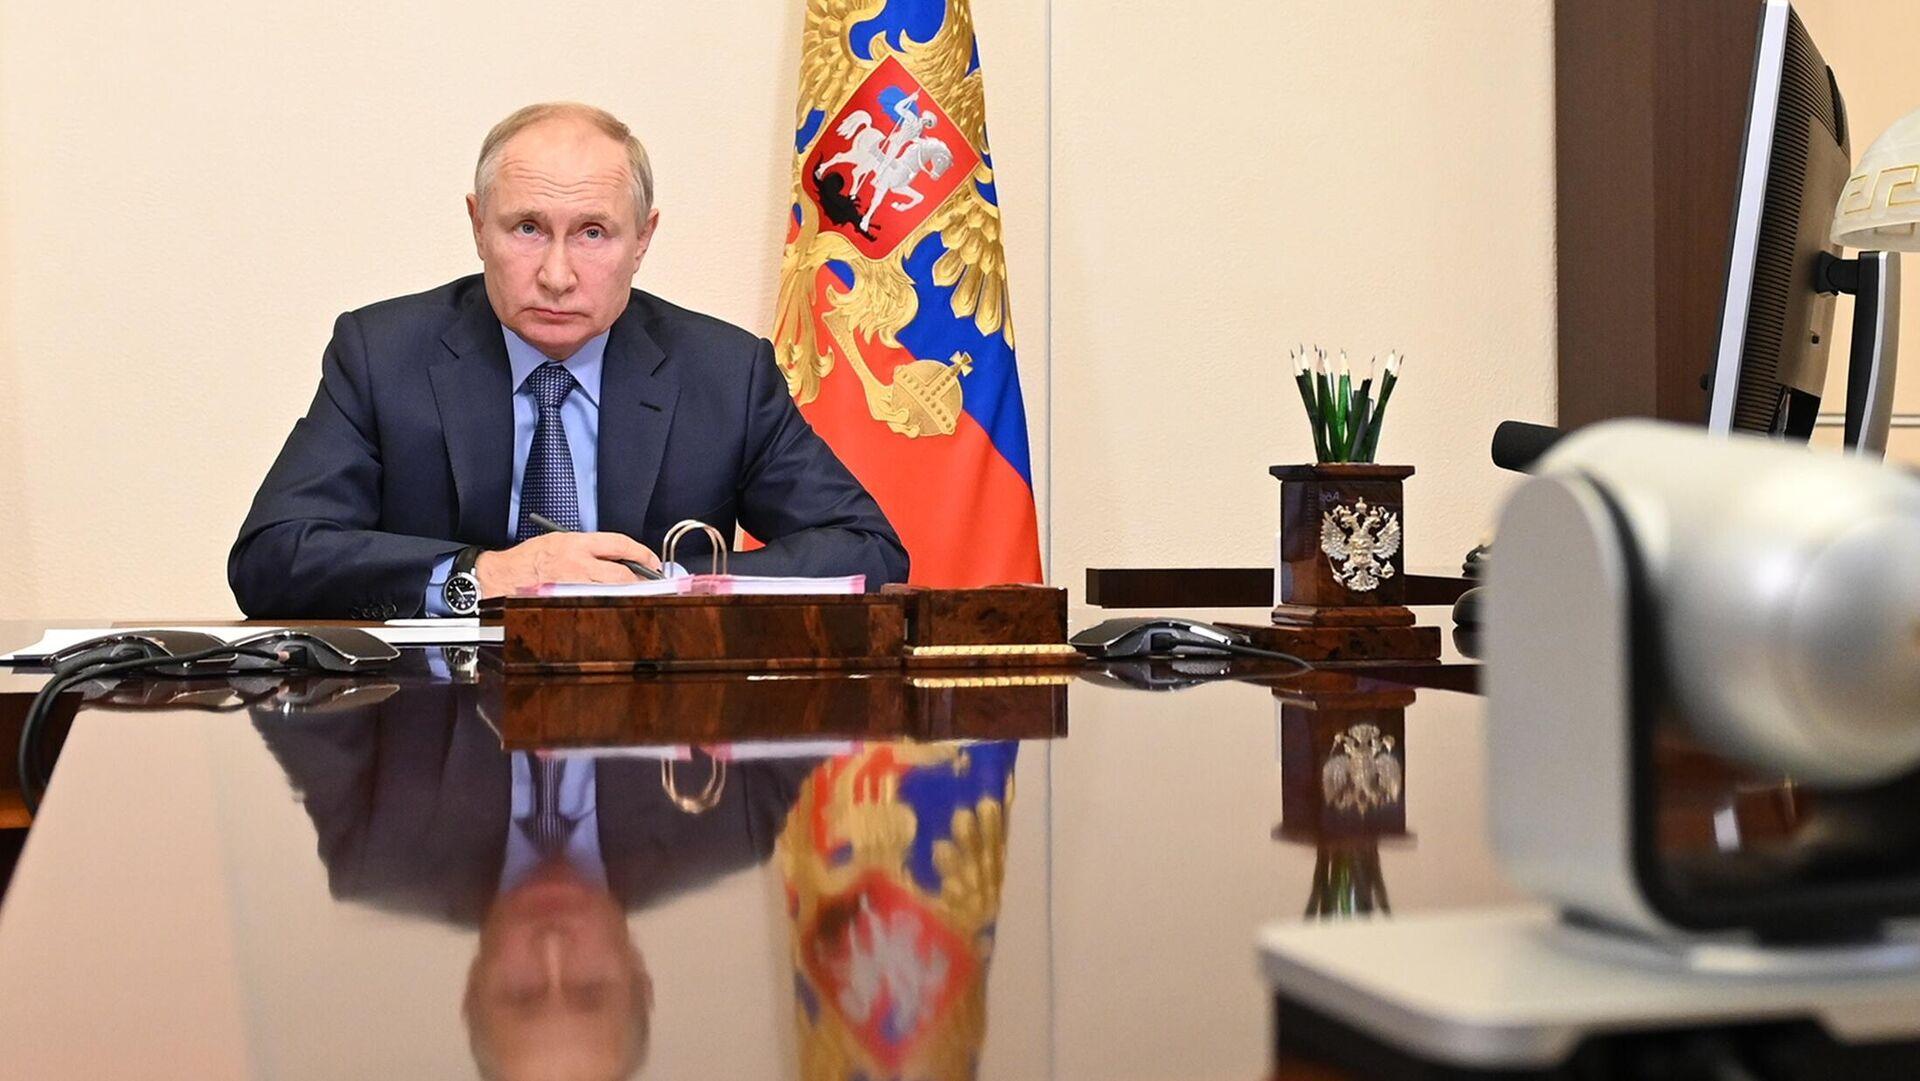 Президент РФ Владимир Путин проводит совещание с членами правительства РФ в режиме видеоконференции - РИА Новости, 1920, 21.07.2021